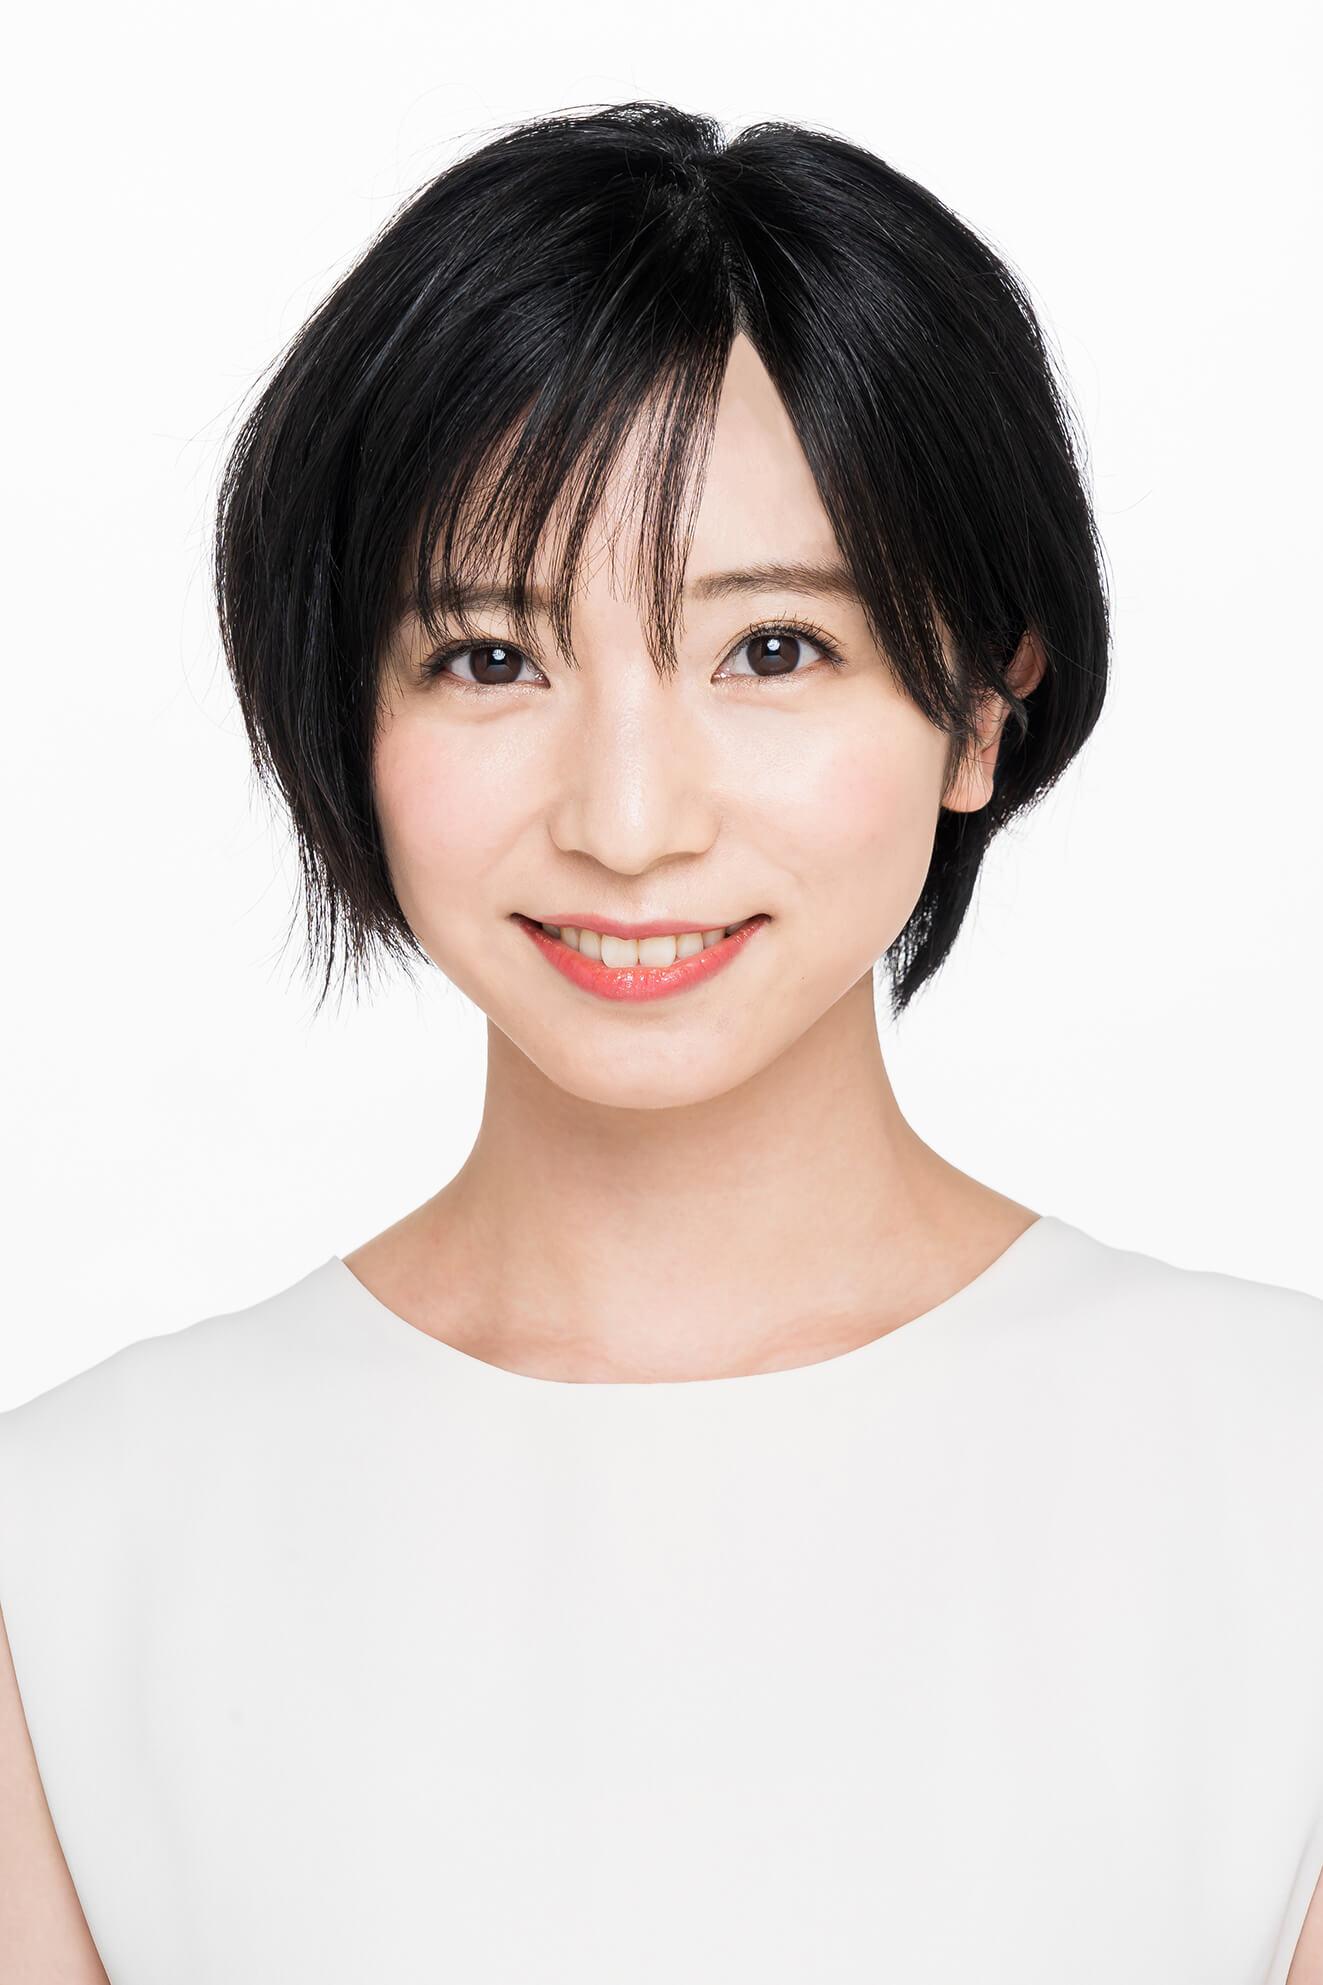 入来茉里(イリキマリ) | ホリプロオフィシャルサイト